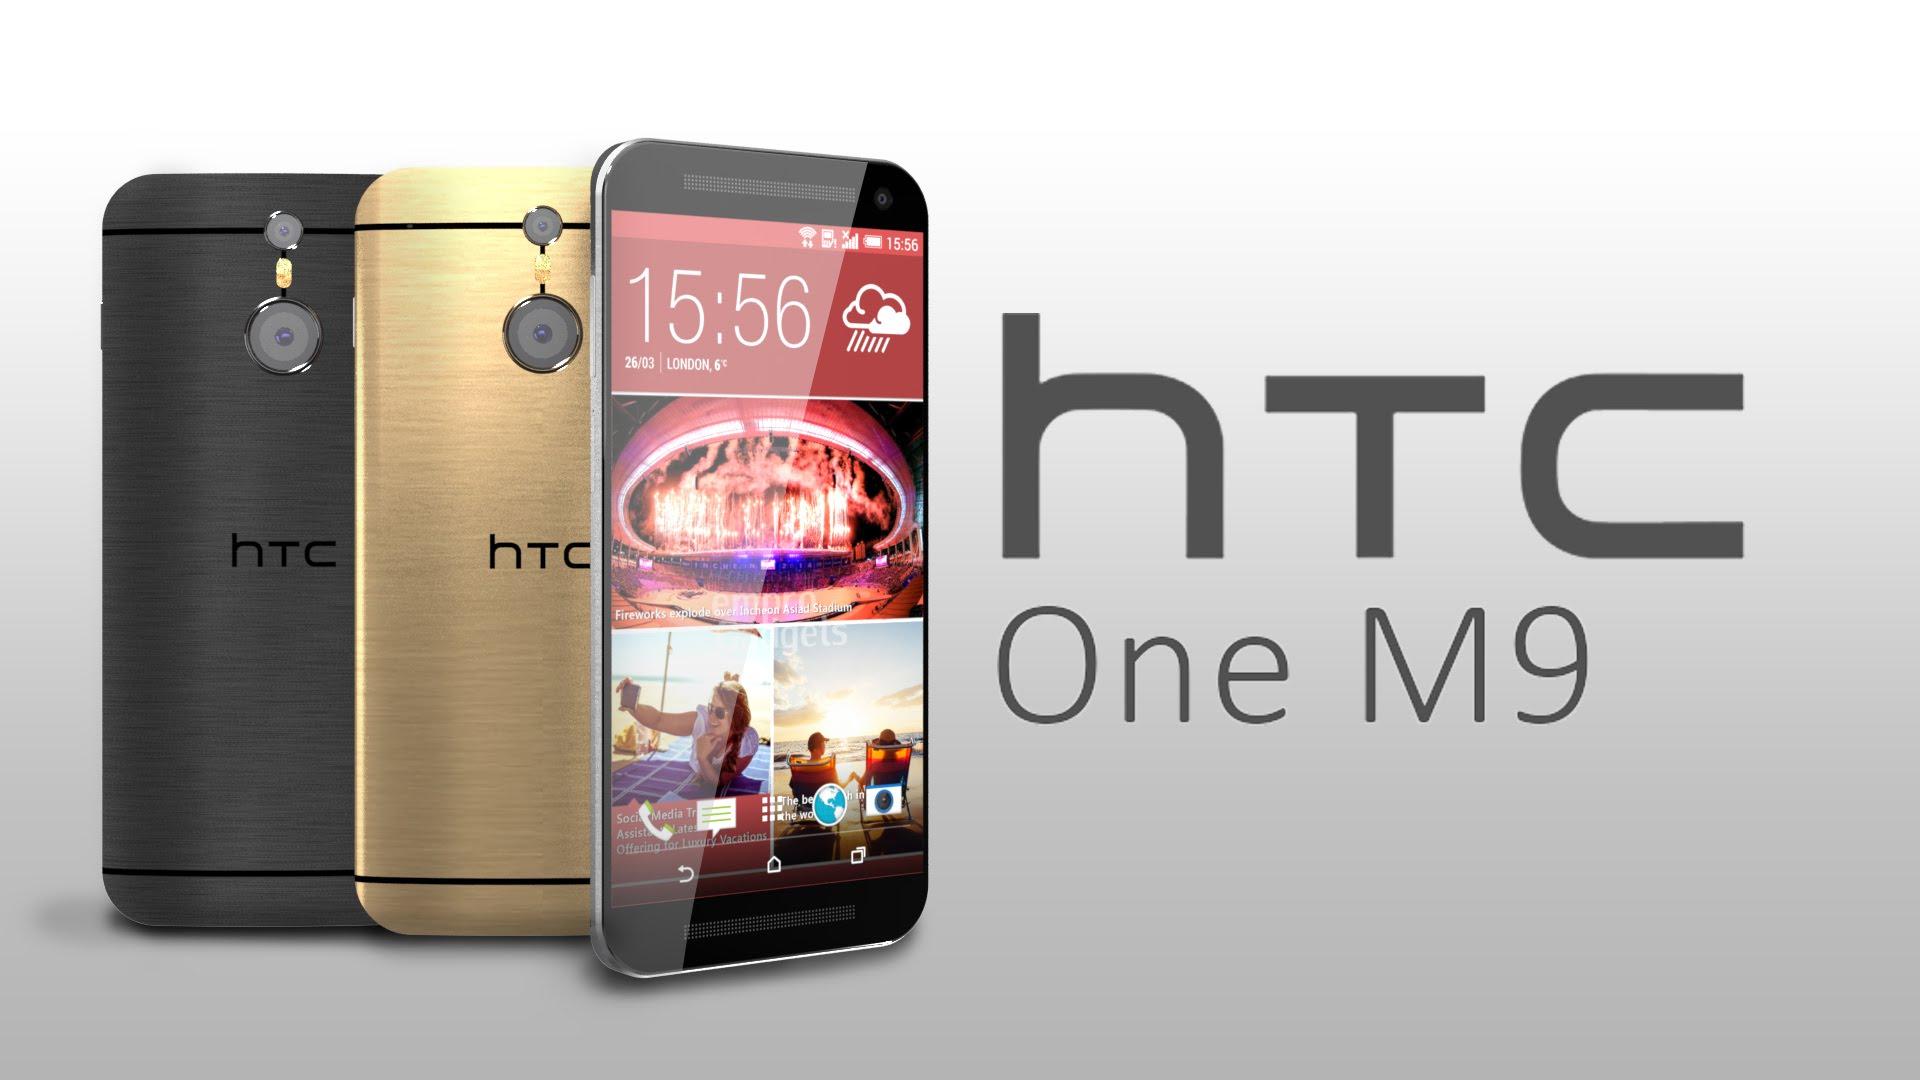 HTC One M9: Dòng điện thoại được người dùng sử dụng cũng khá nhiều